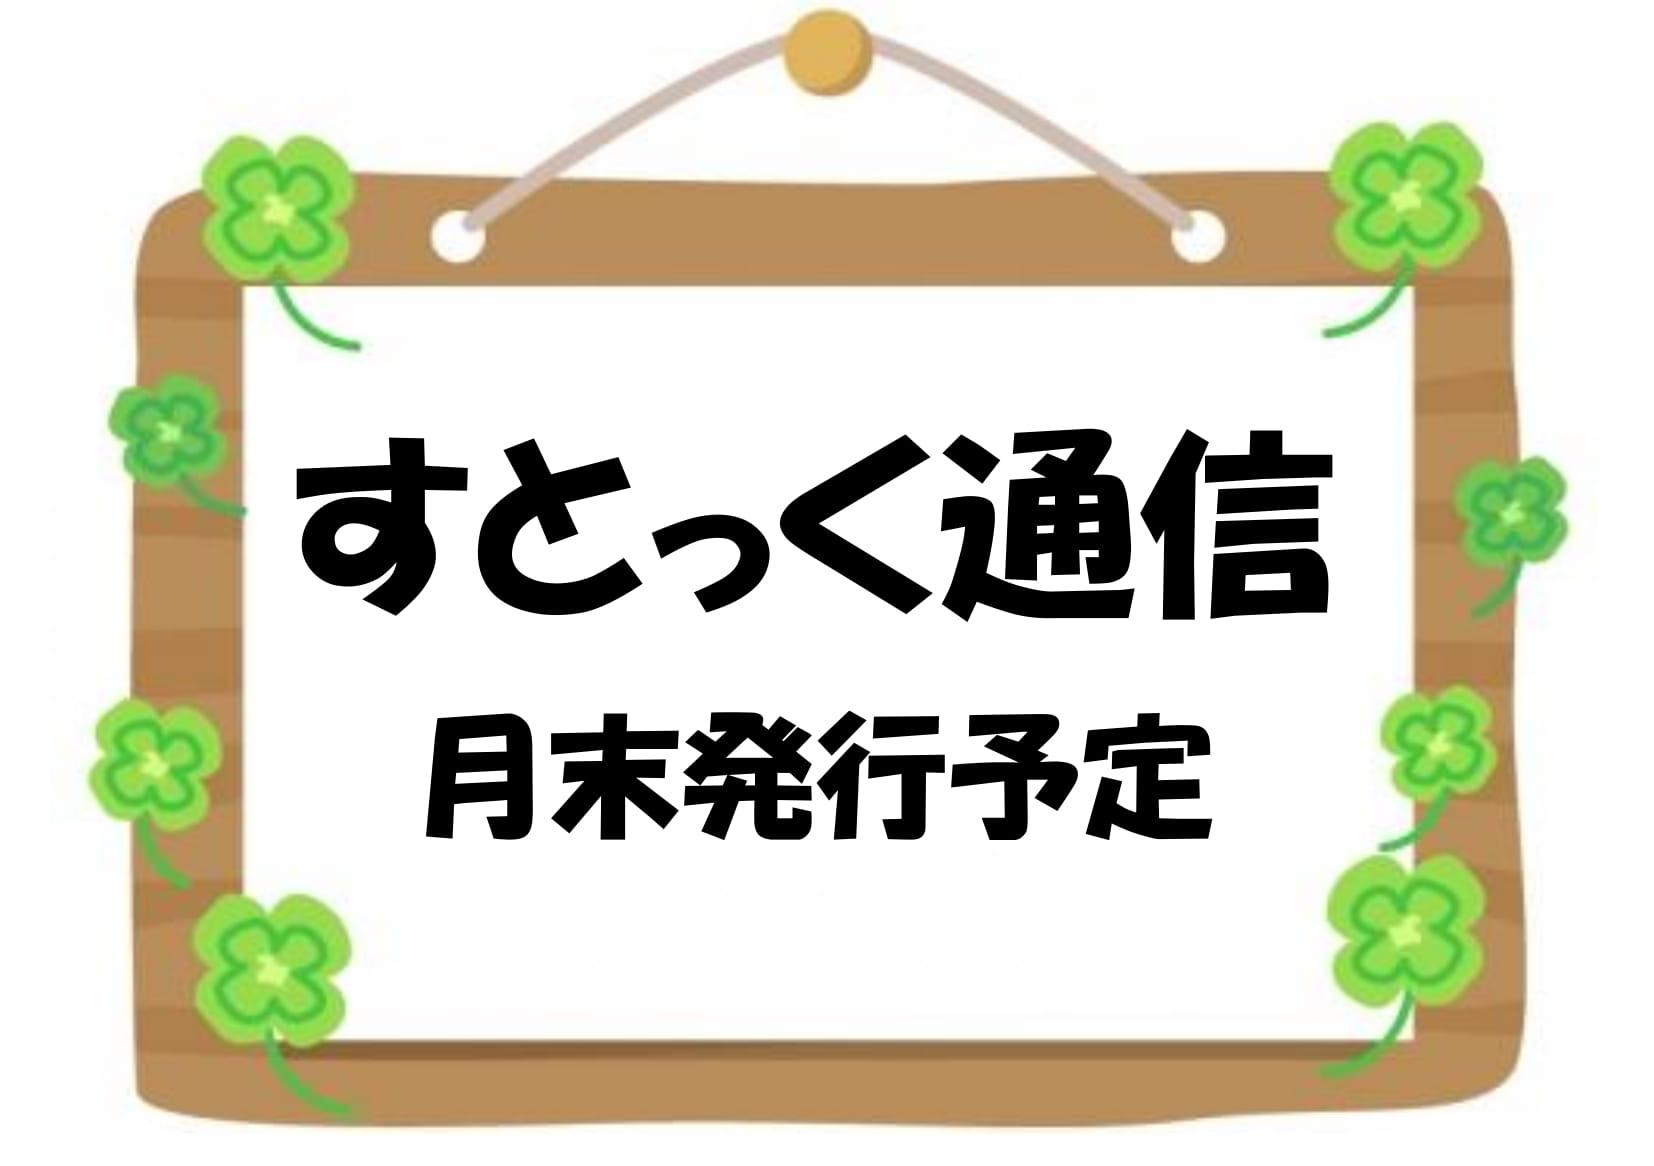 すとっく通信ロゴ-1